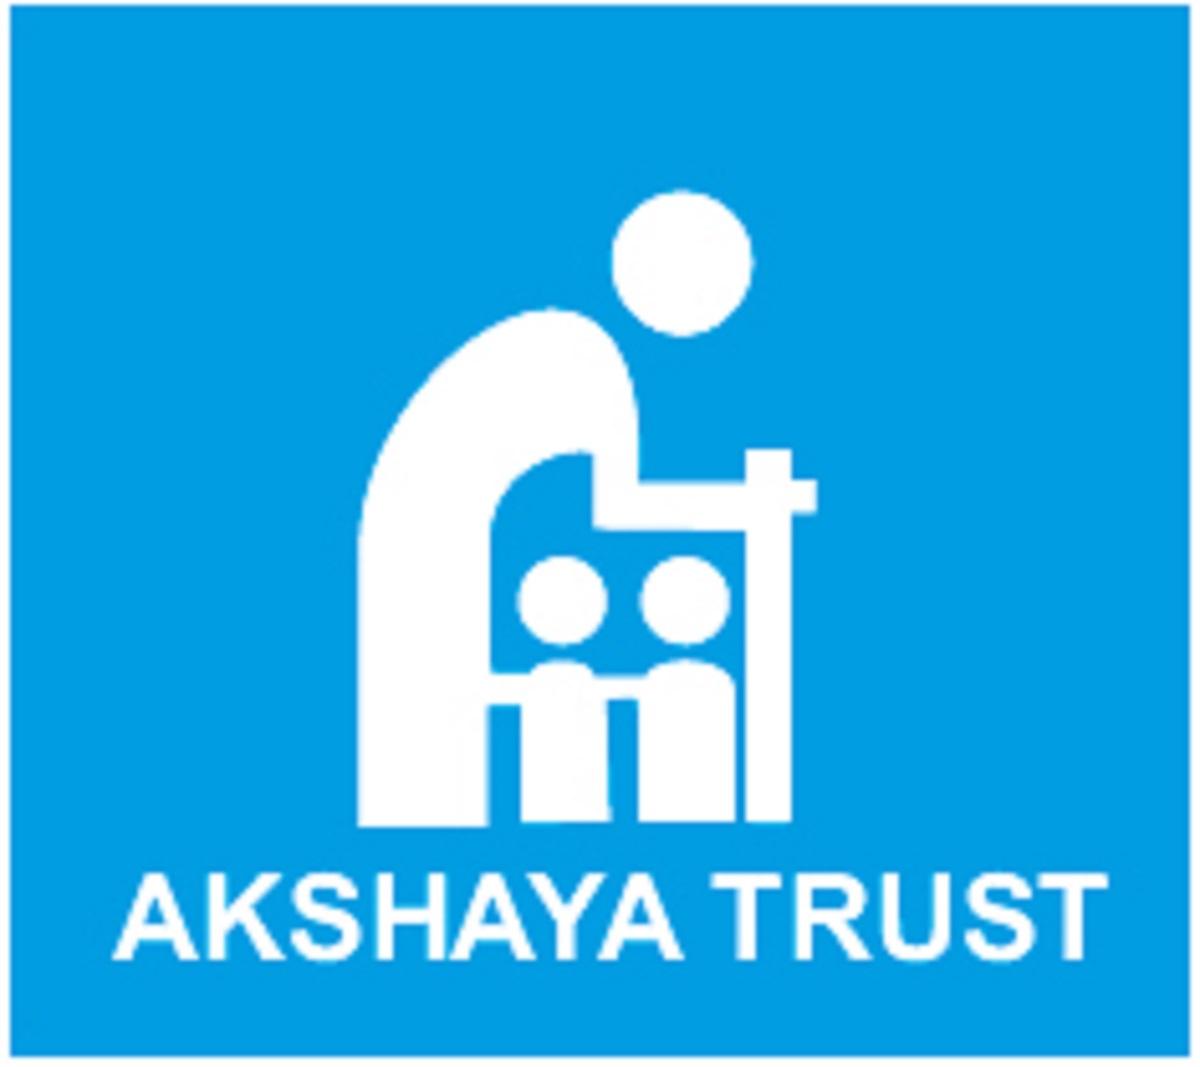 Akshaya Trust